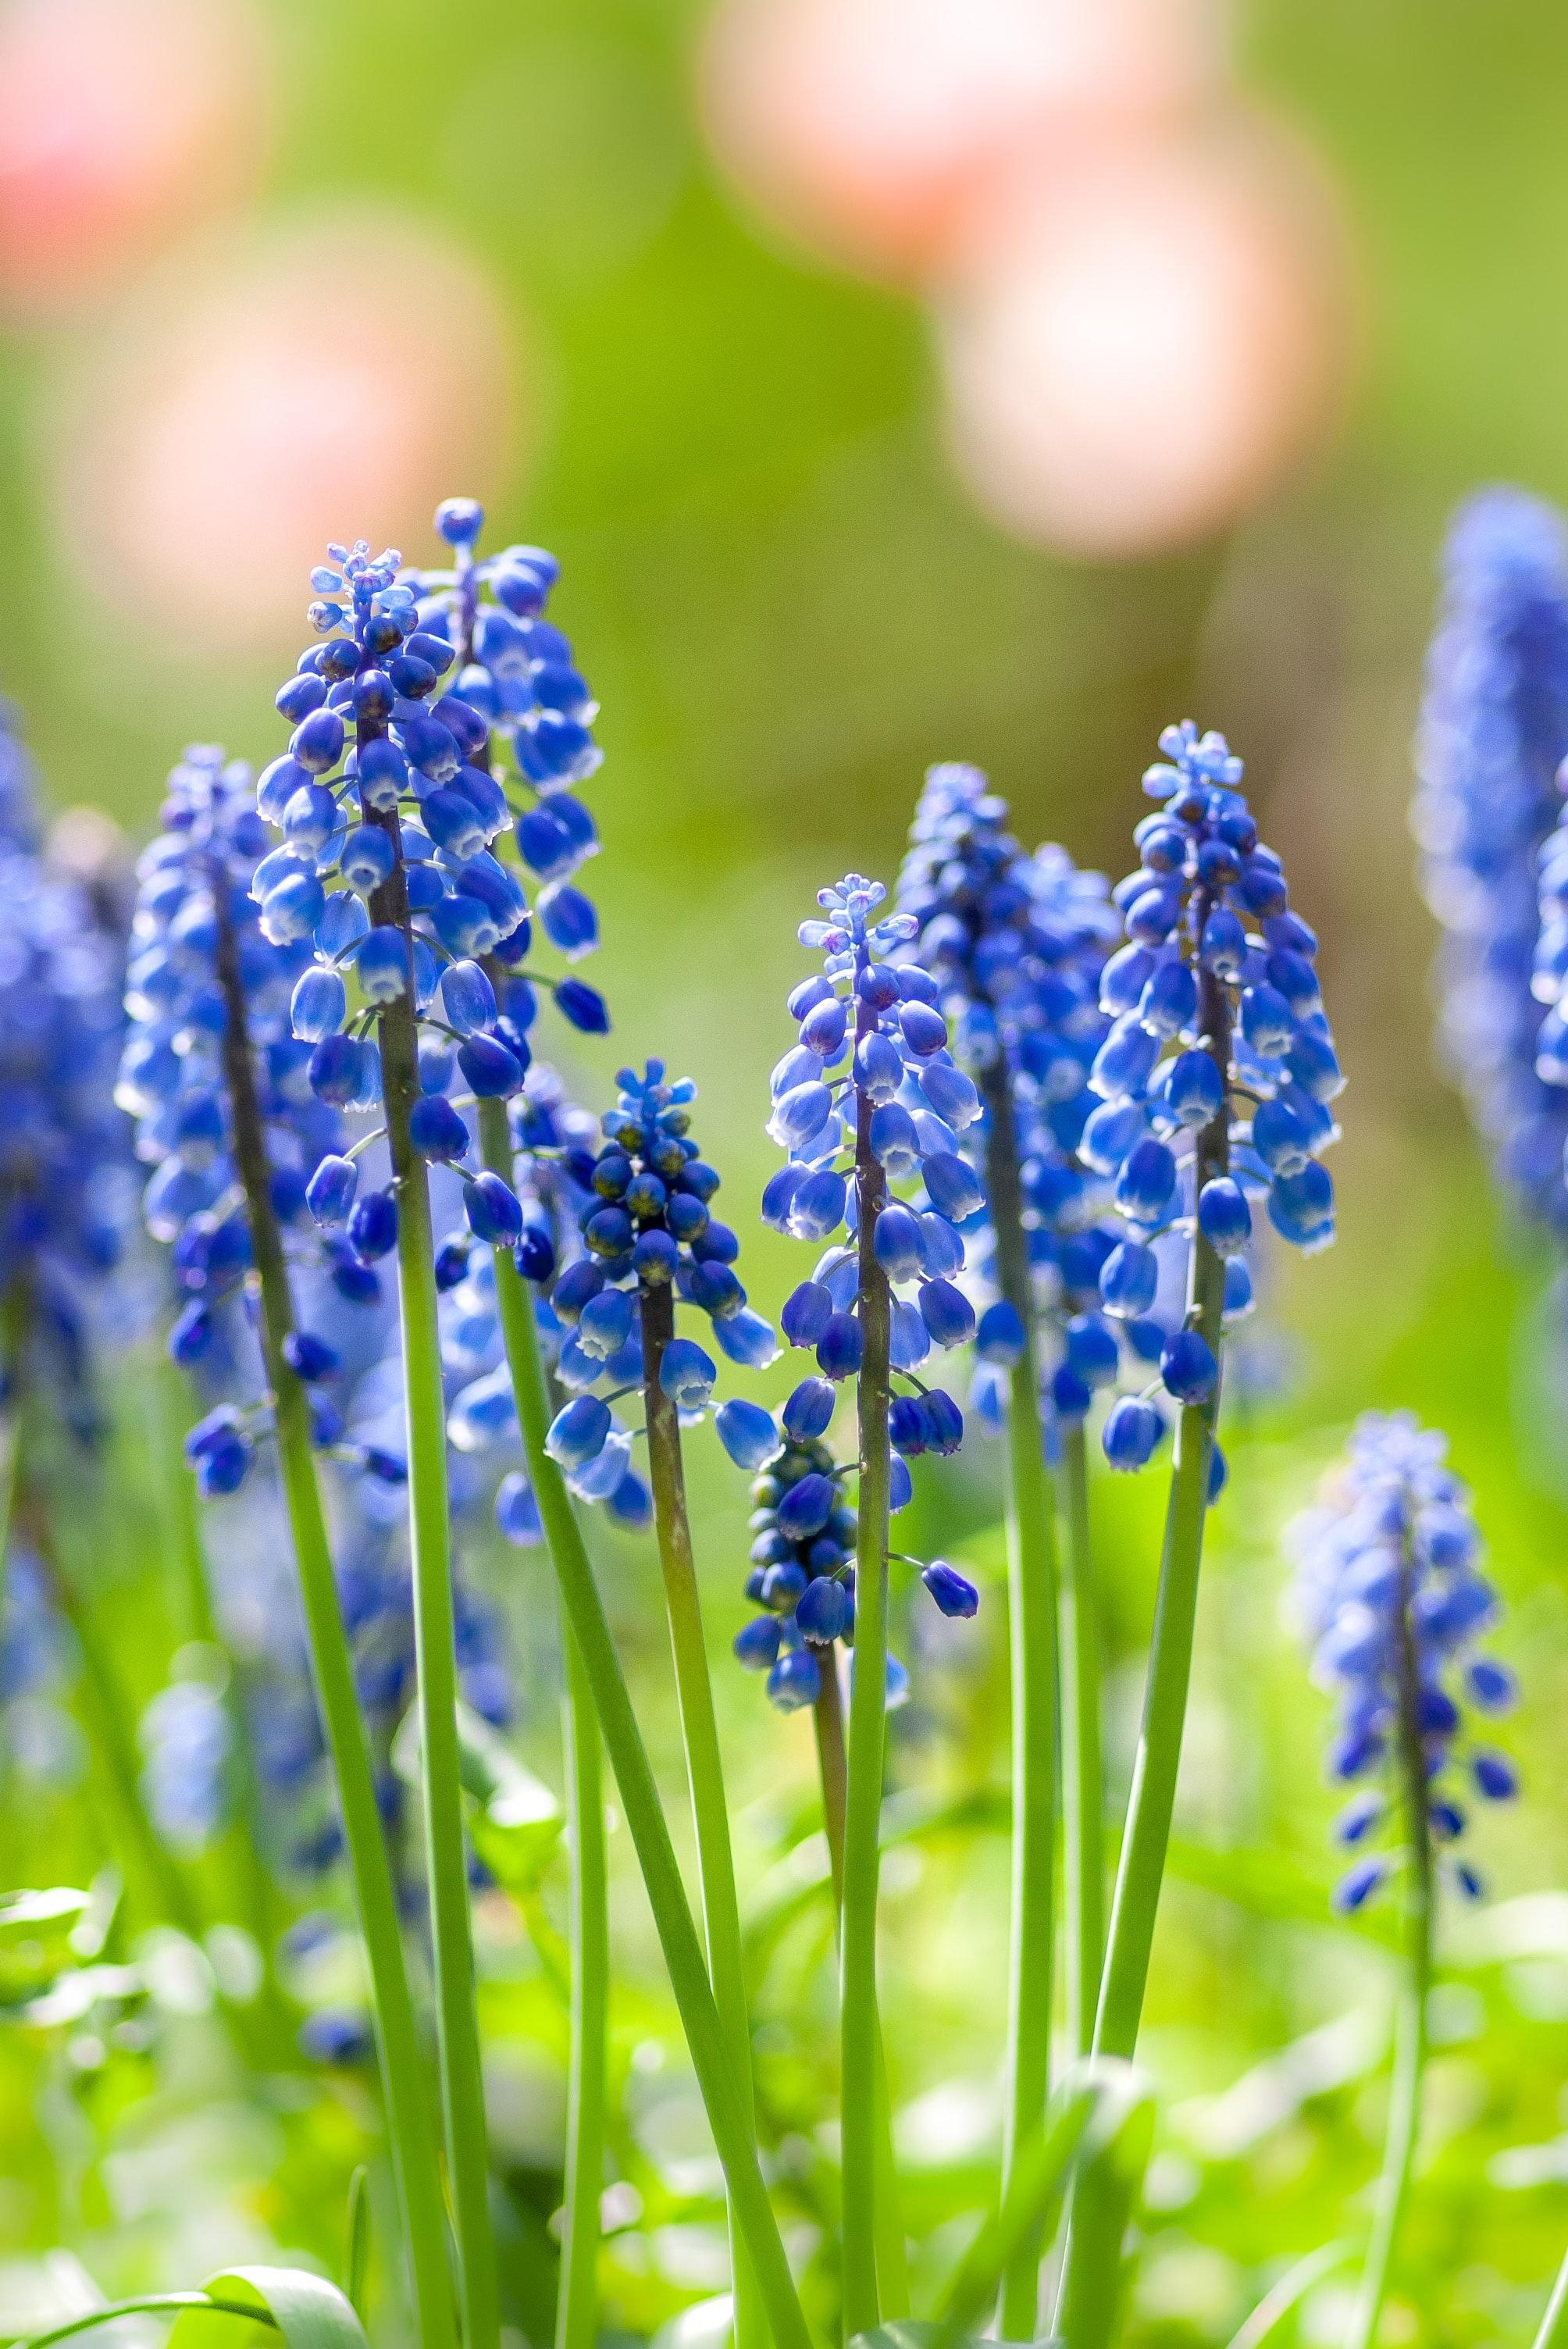 草丈15cmくらいの、小さな球根植物である「ムスカリ」。球根がついたままの切り花も販売されていて、それがまた可愛らしく、ブドウのような花を咲かせます。